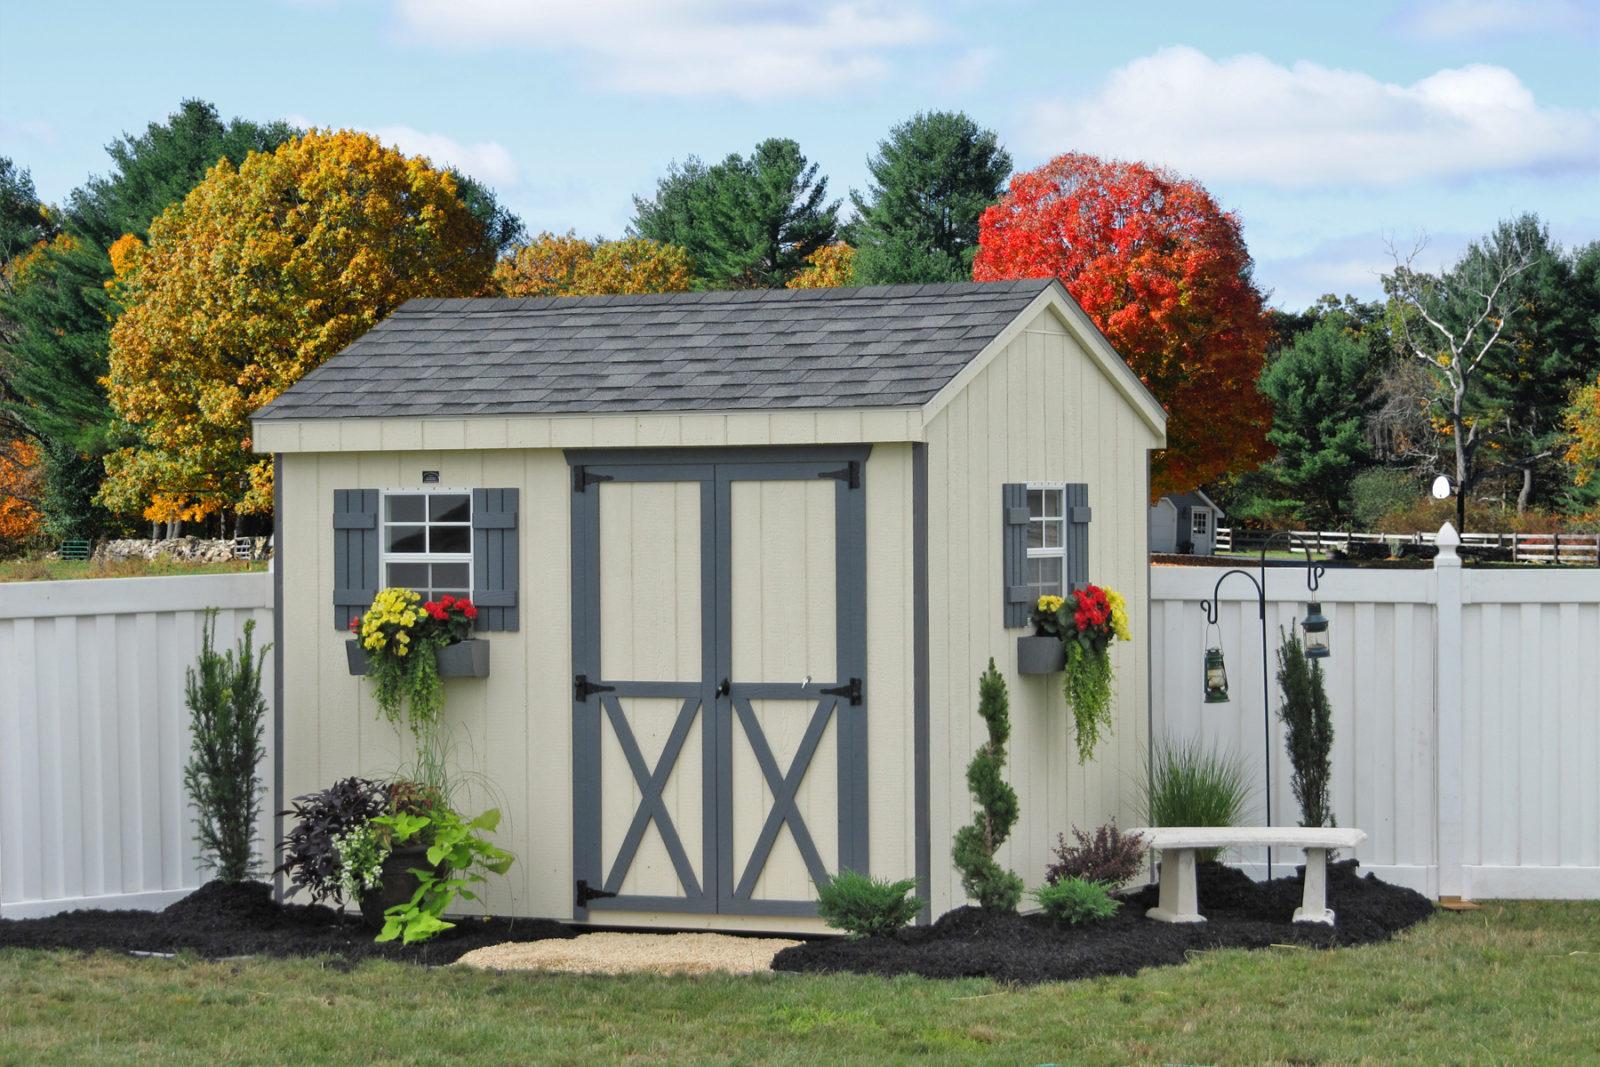 8x10 backyard wooden shed 0